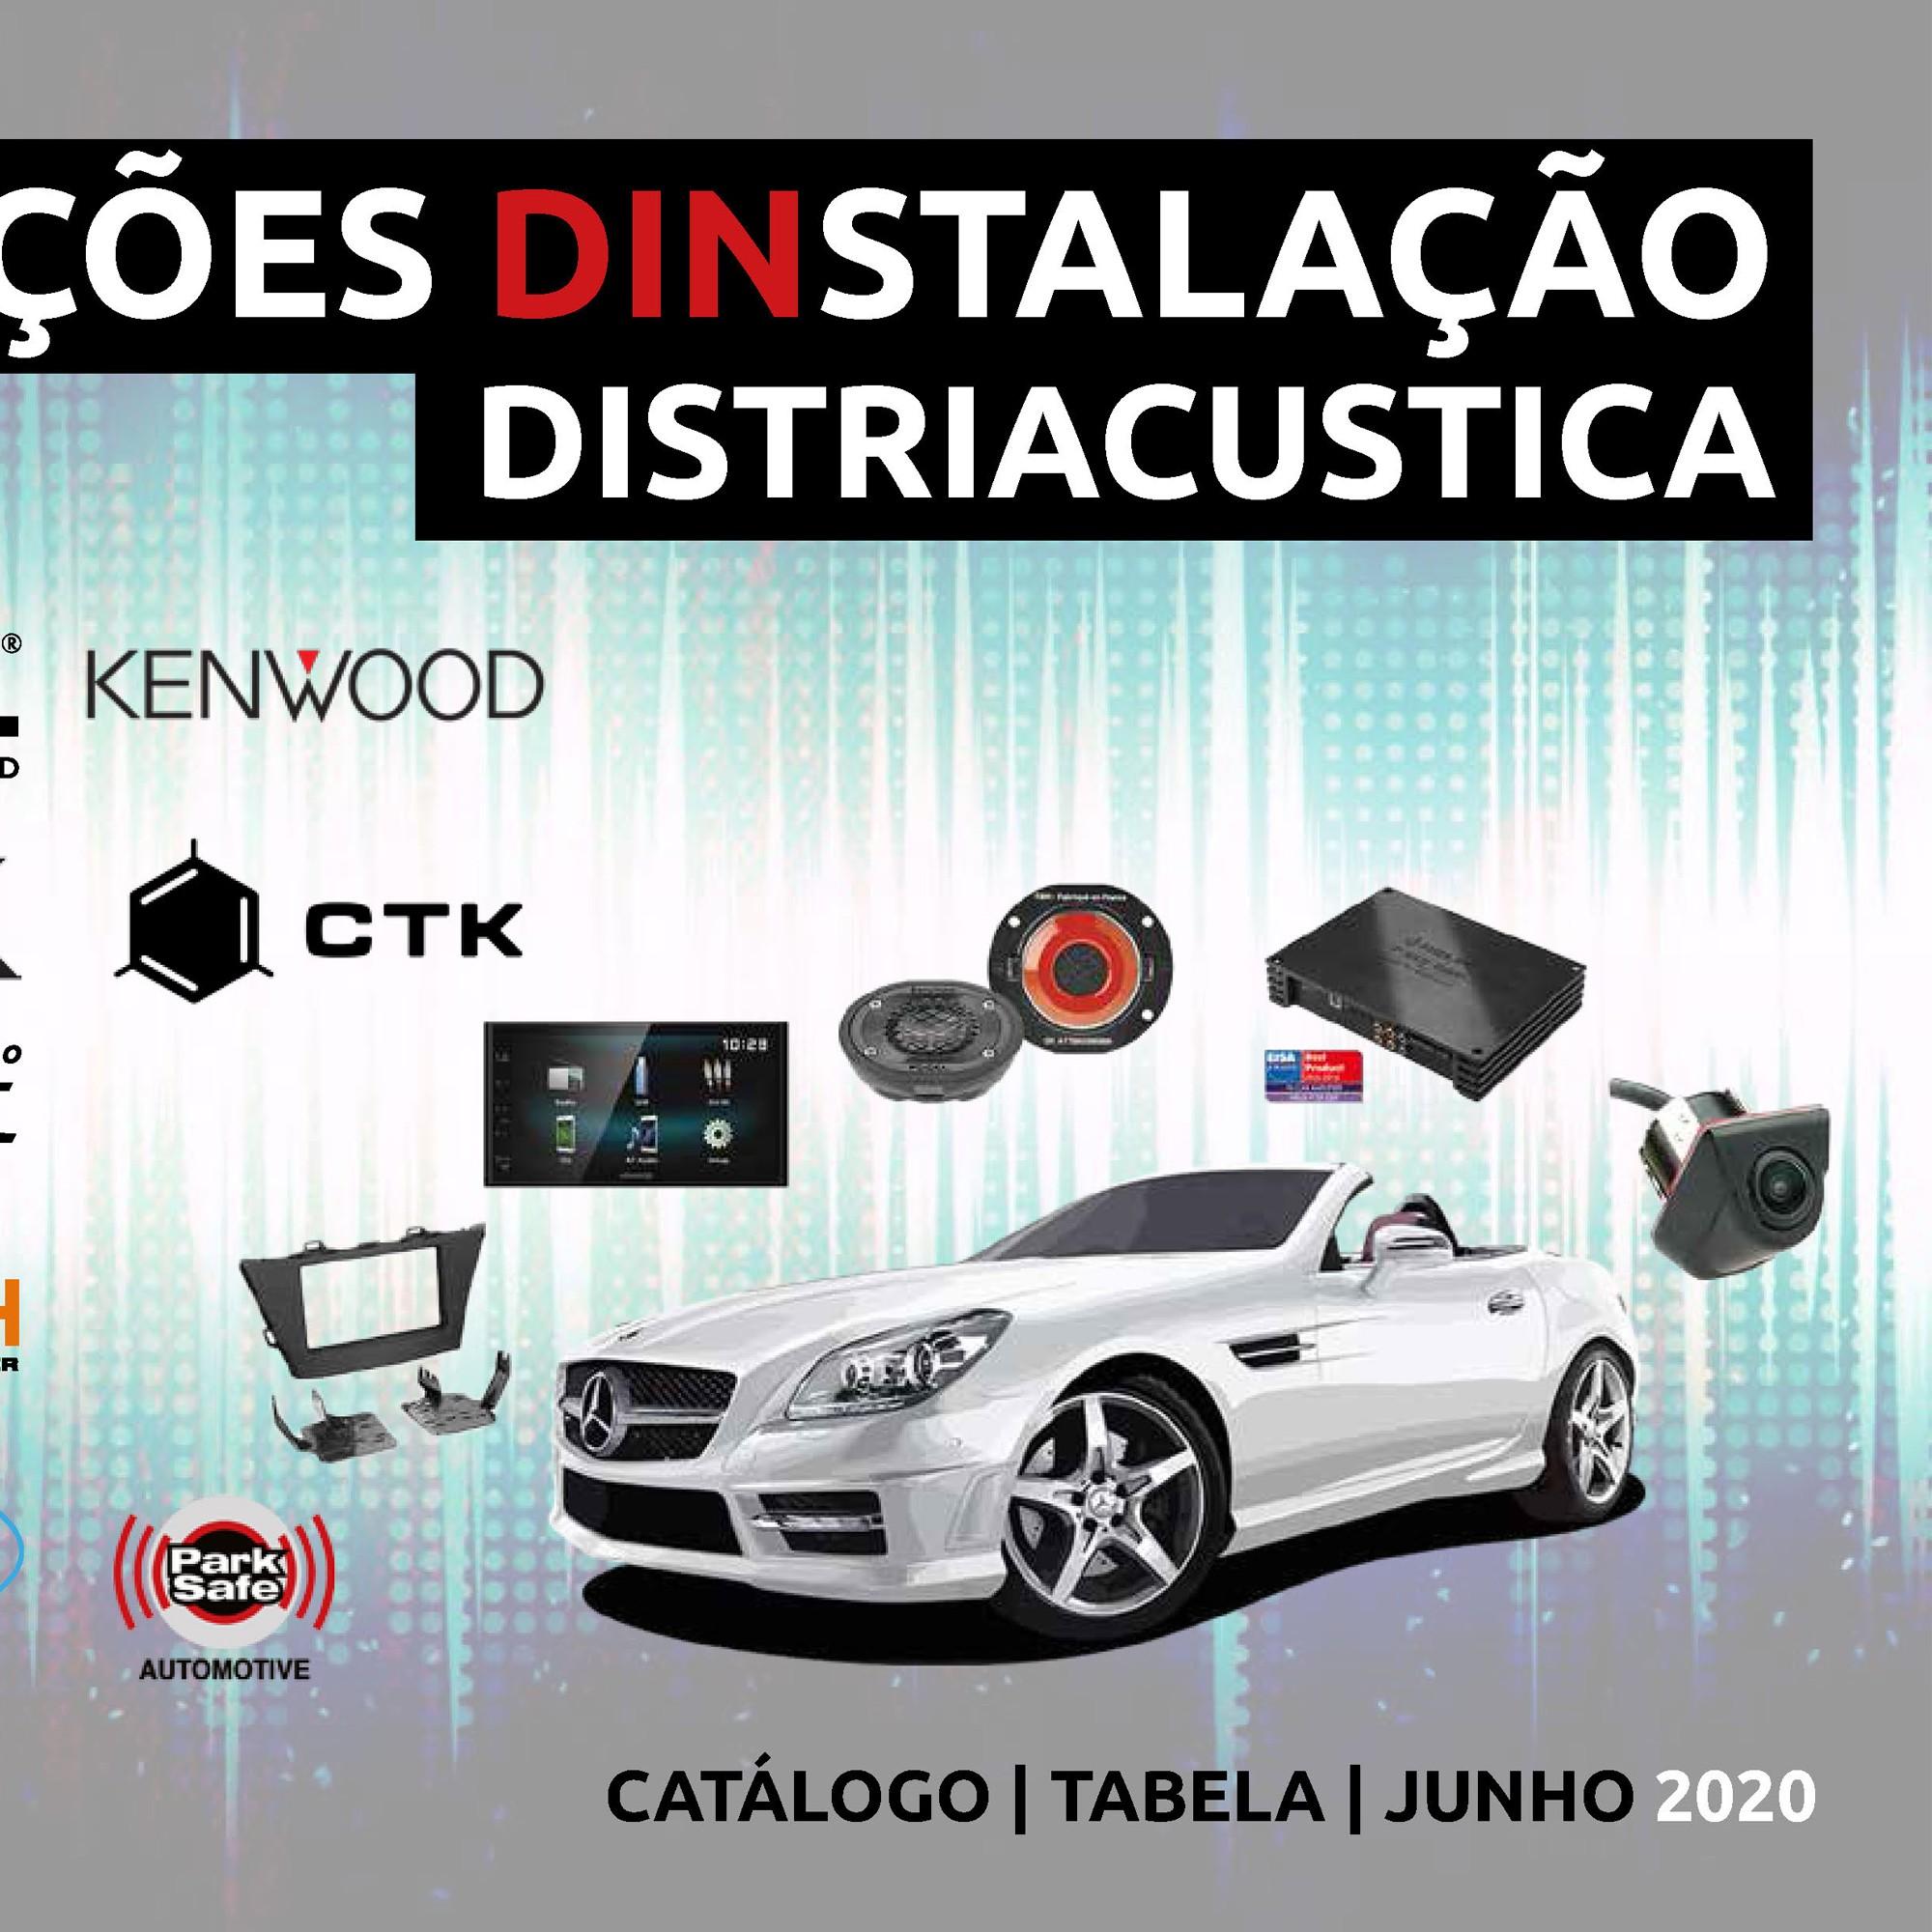 Catalogo Distriacustica Junho 2020